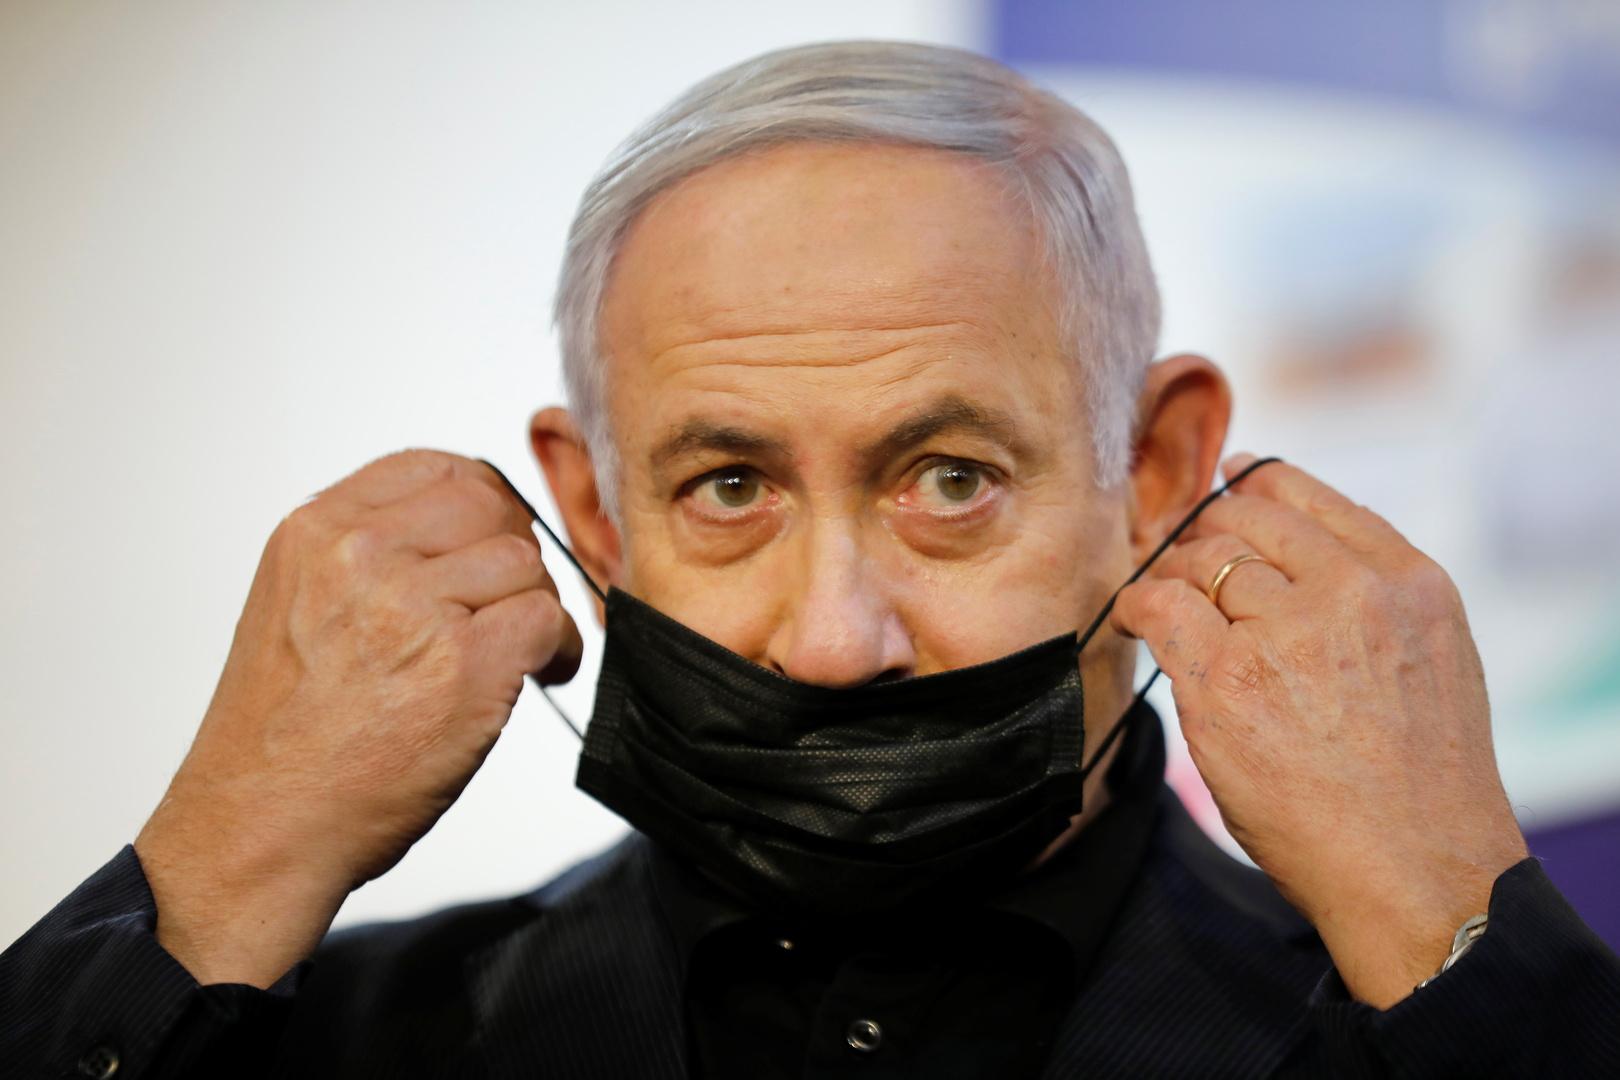 بعد إشادة نتنياهو به.. كشف الماضي الإجرامي للإسرائيلي رقم المليون في حملة التطعيم ضد كورونا